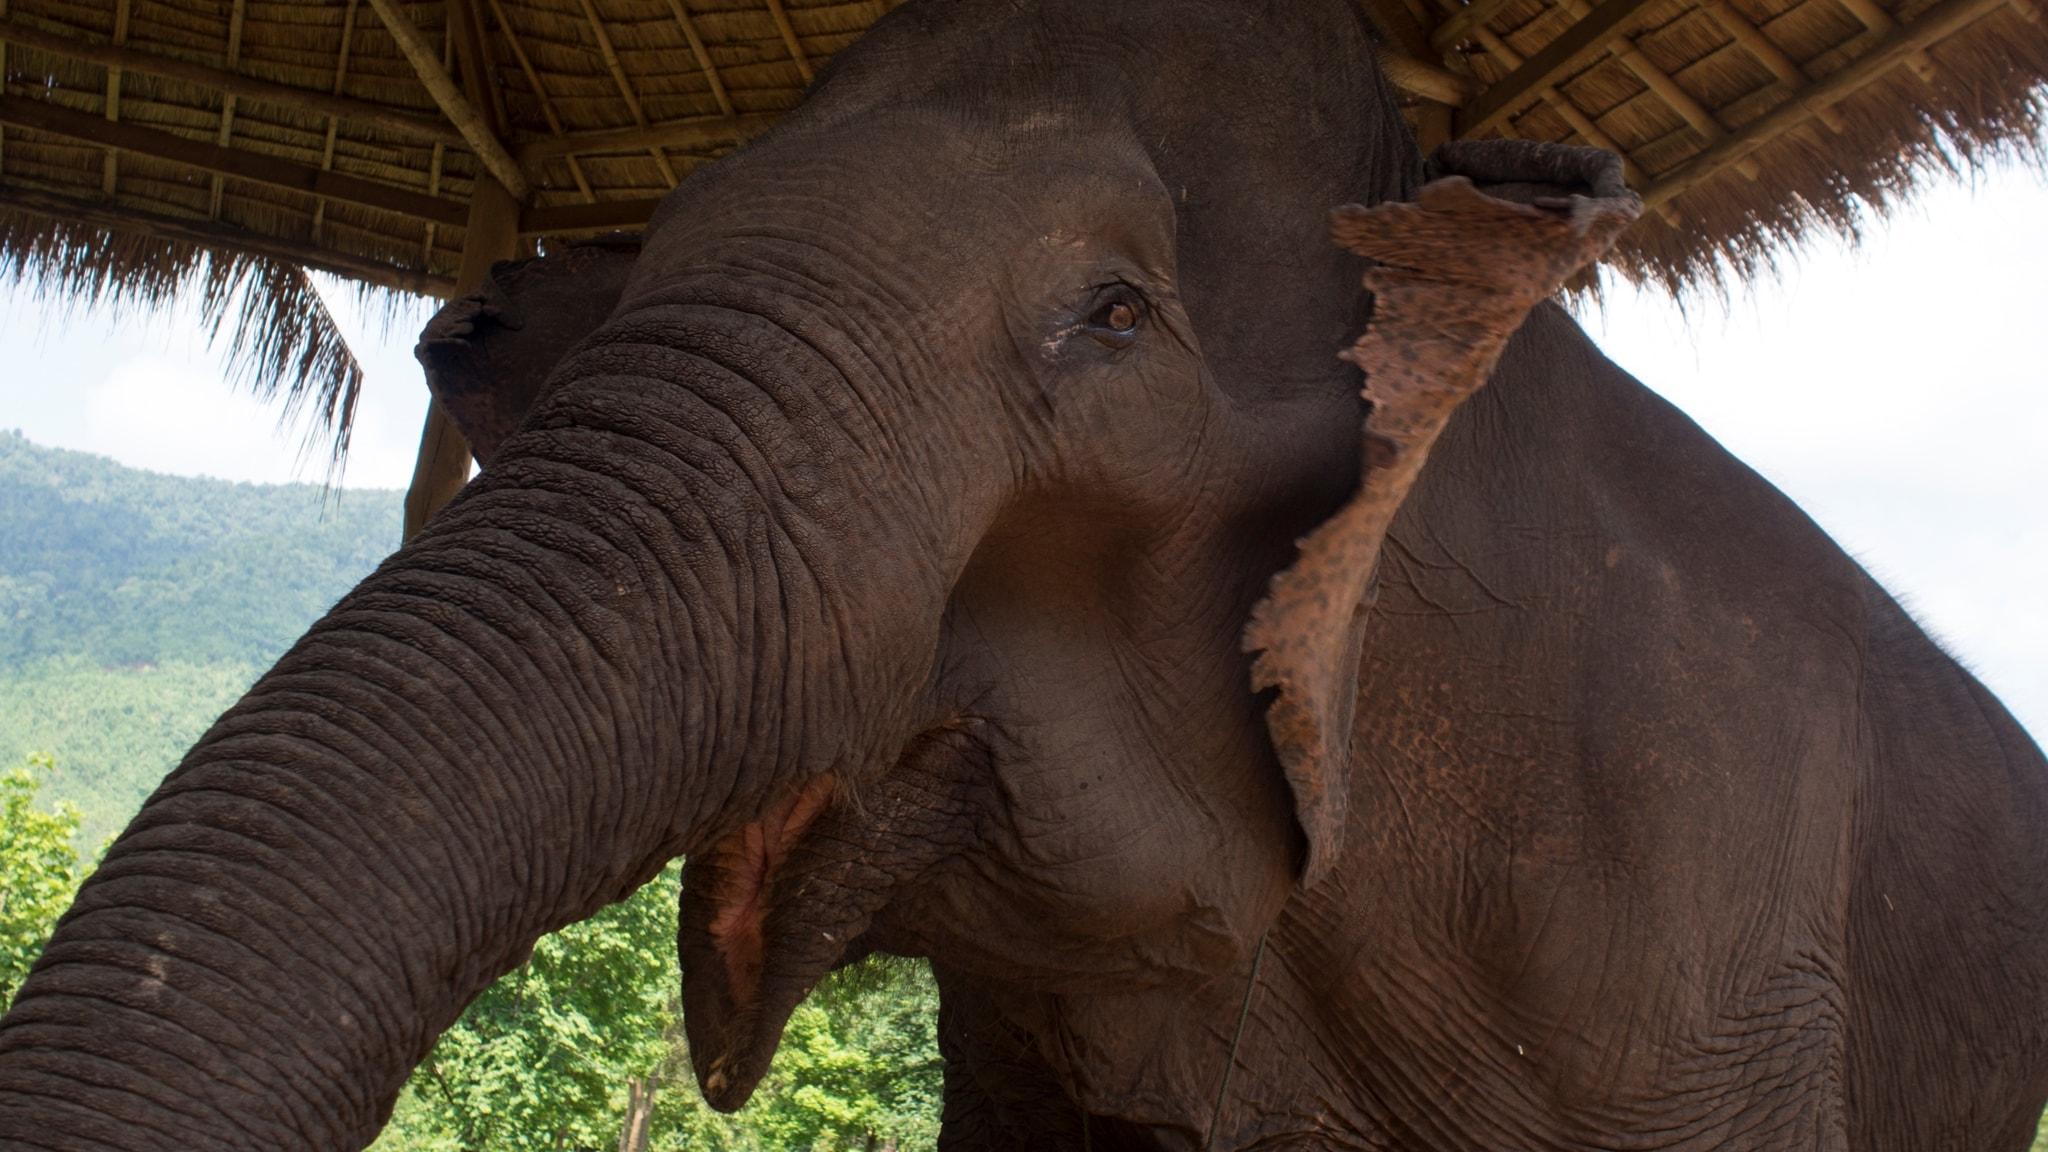 Årsdagen för kuppförsöket i Turkiet, Burmas elefanter har blivit arbetslösa, kanadensisk högerextremism, den hippa och spirande växttrenden.